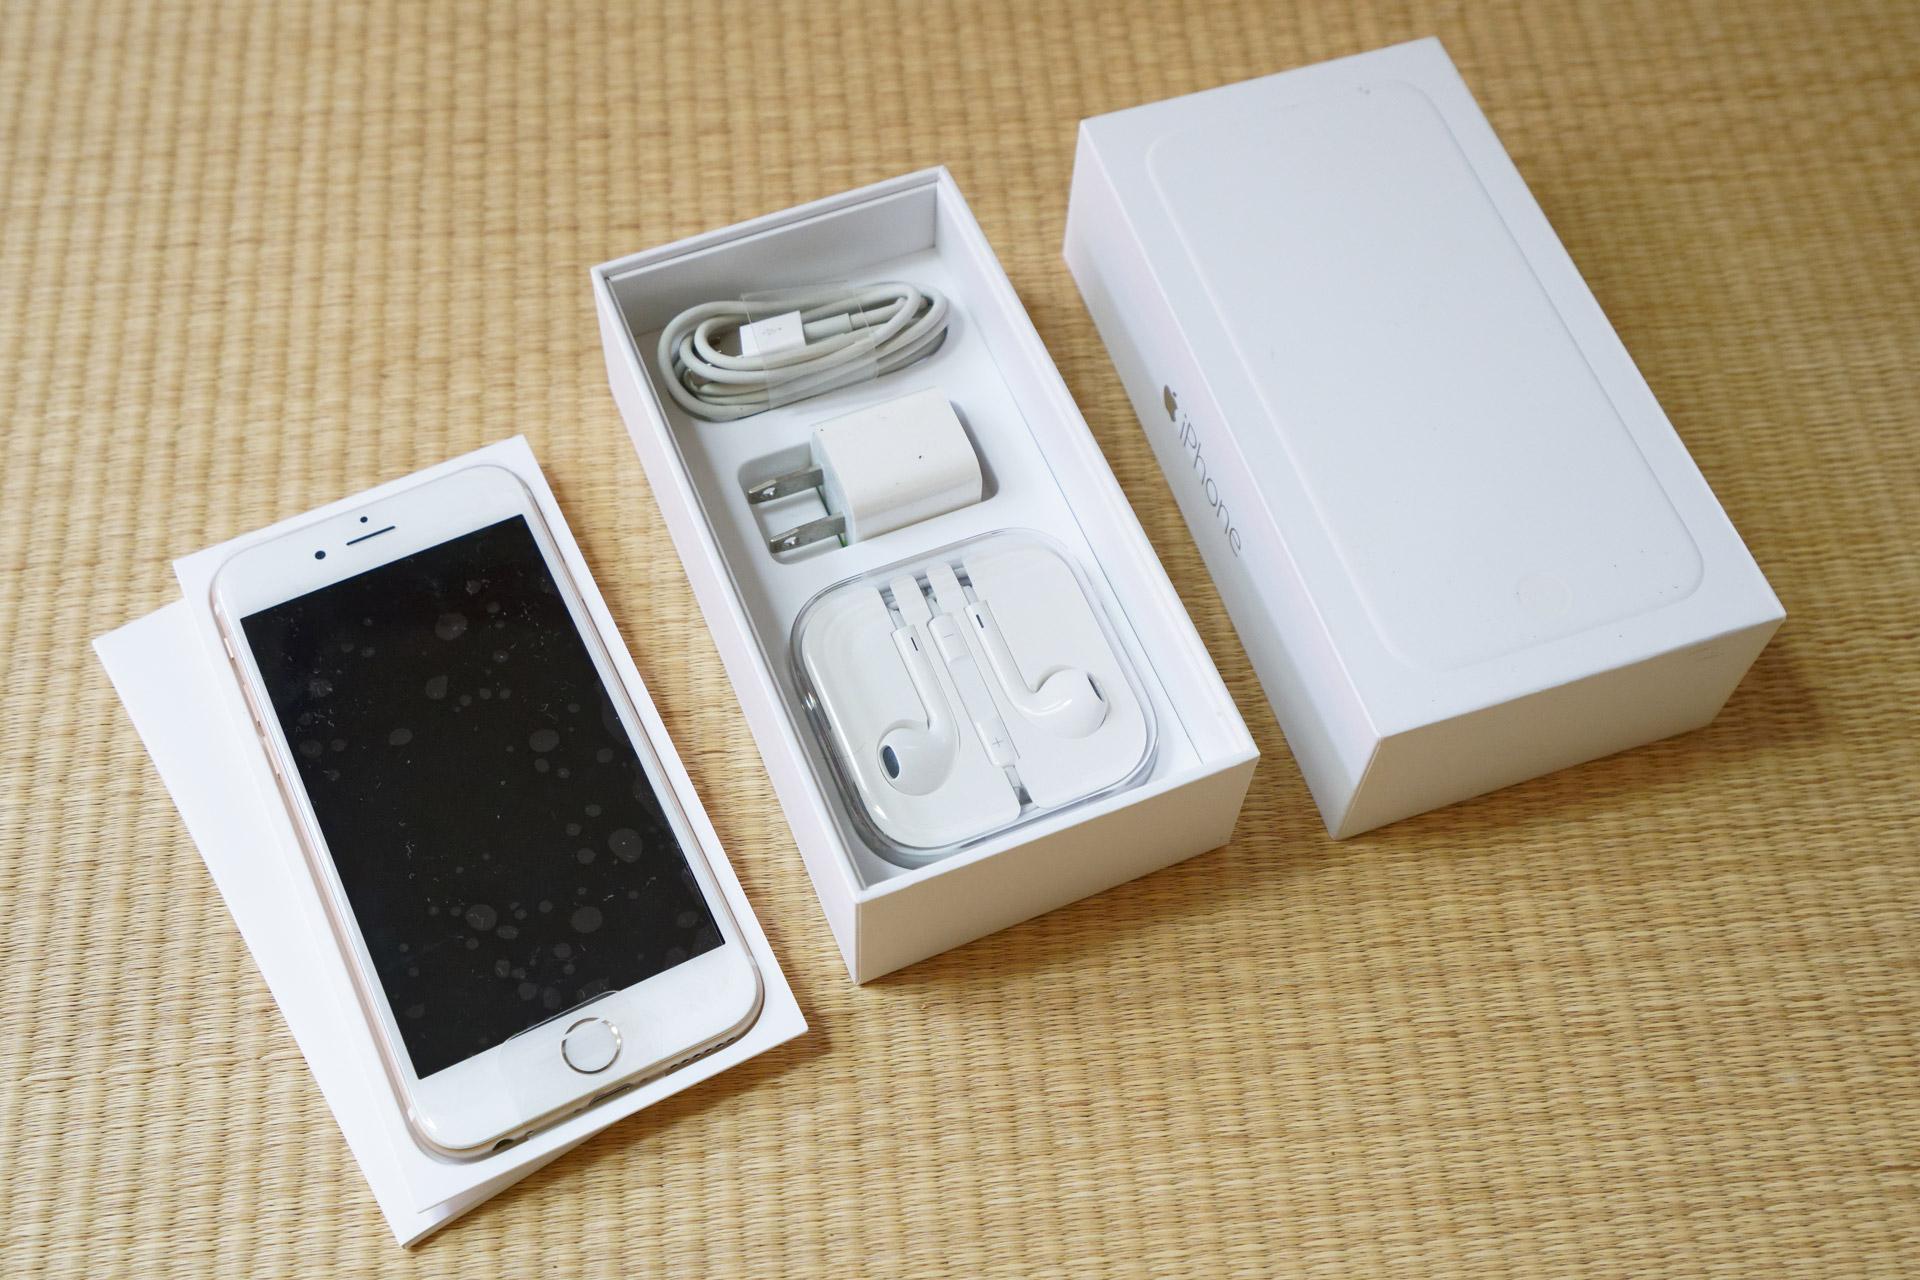 本体代金一括払いで購入したiPhone 6を買取に、事前の目安では5,500円だった。